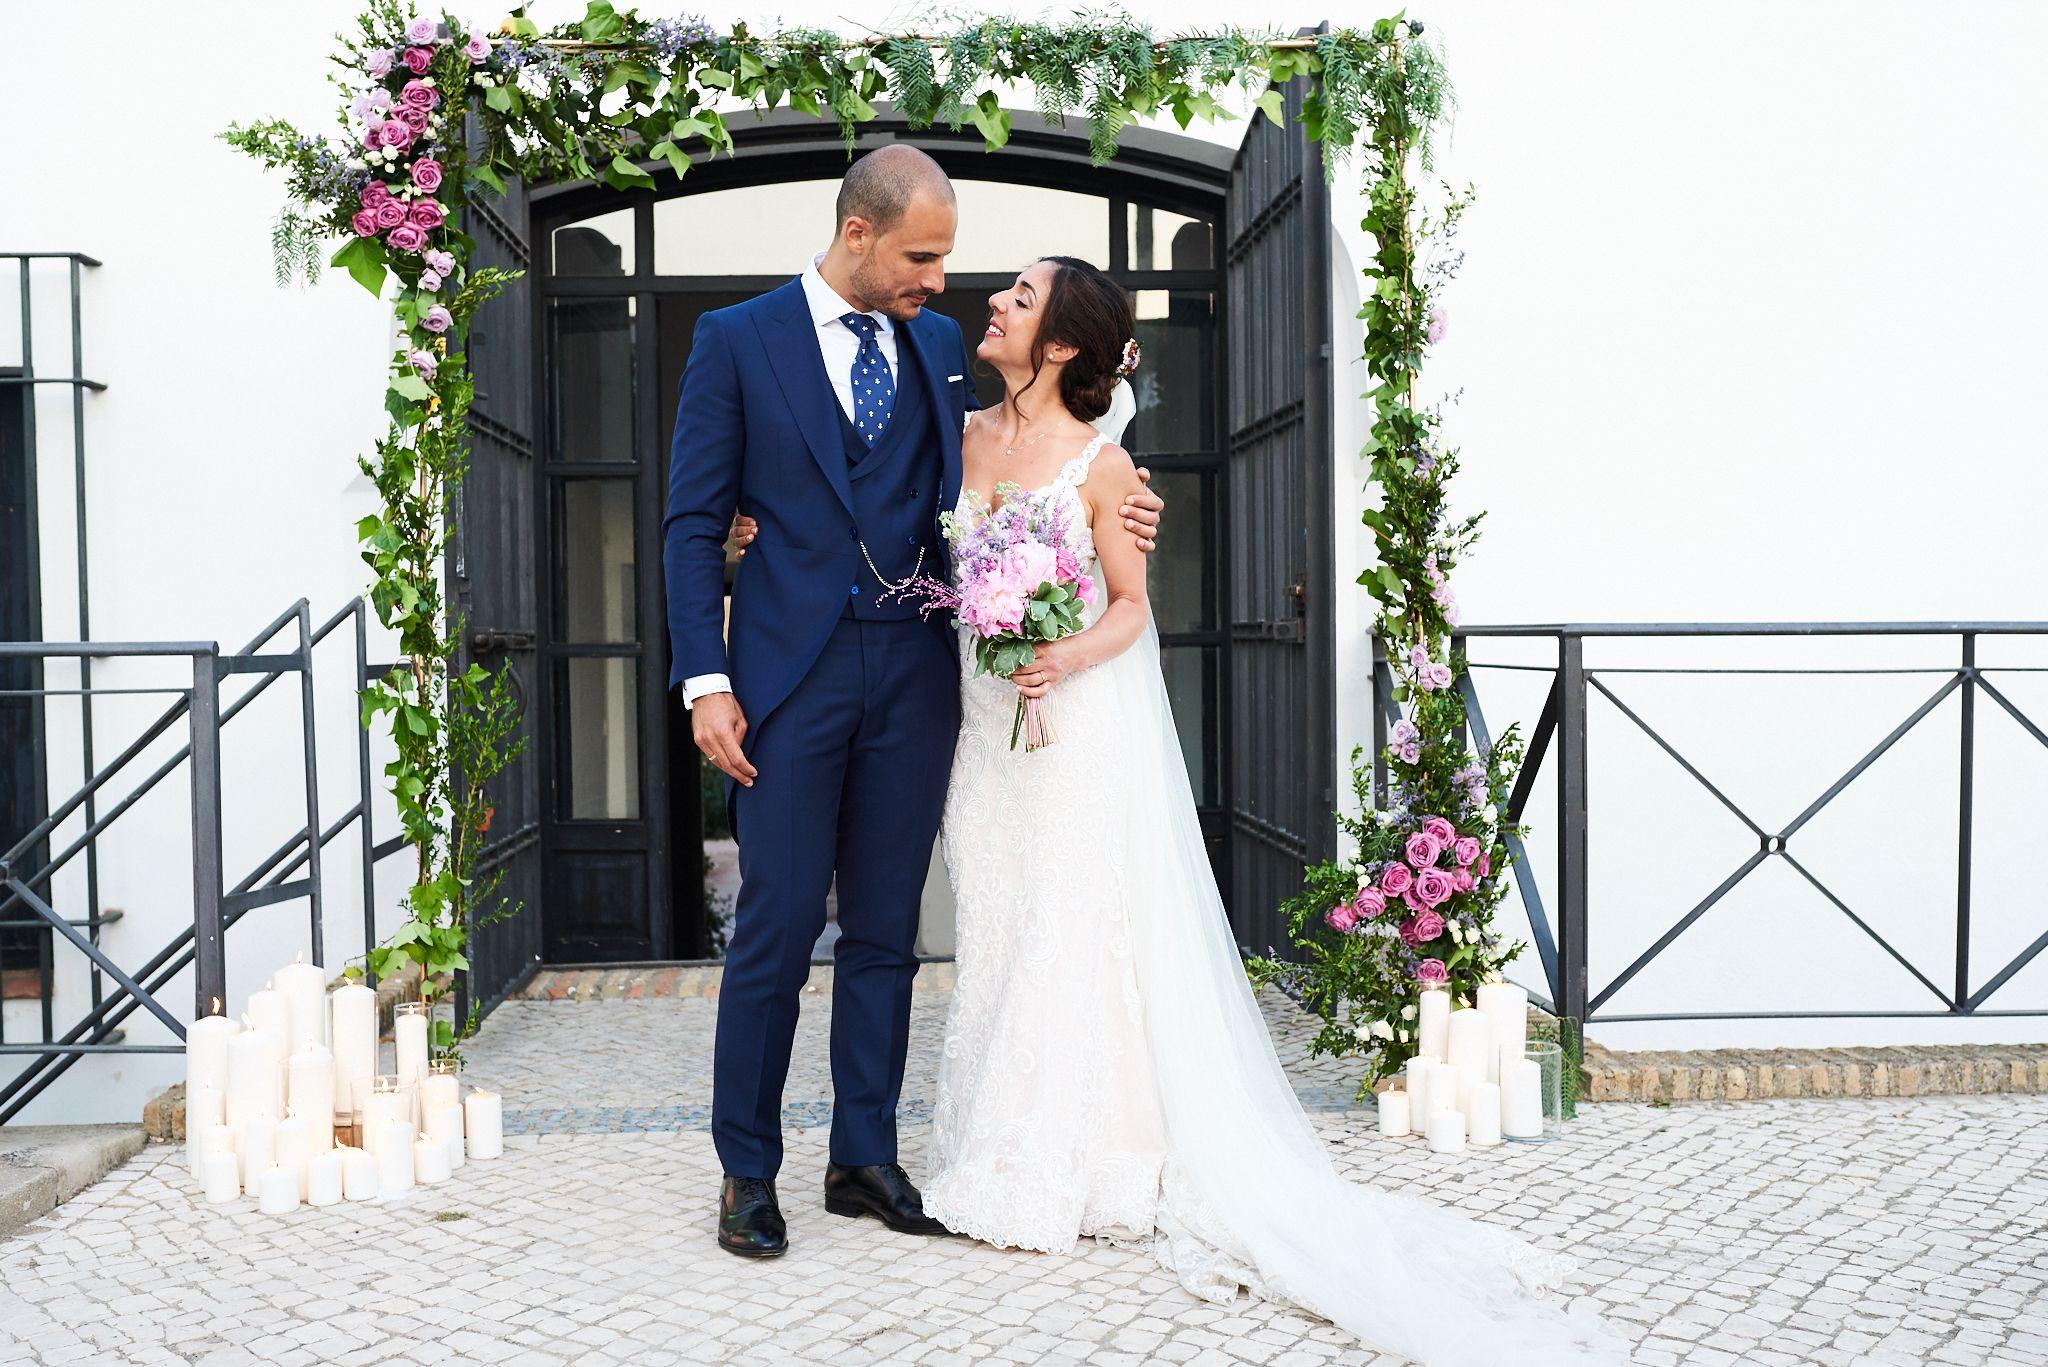 La-22Destination-Wedding22-en-Moguer-de-Lauren-y-JosC3A9-Antonio-JoseAntonio-alejandromarmol2464.jpg